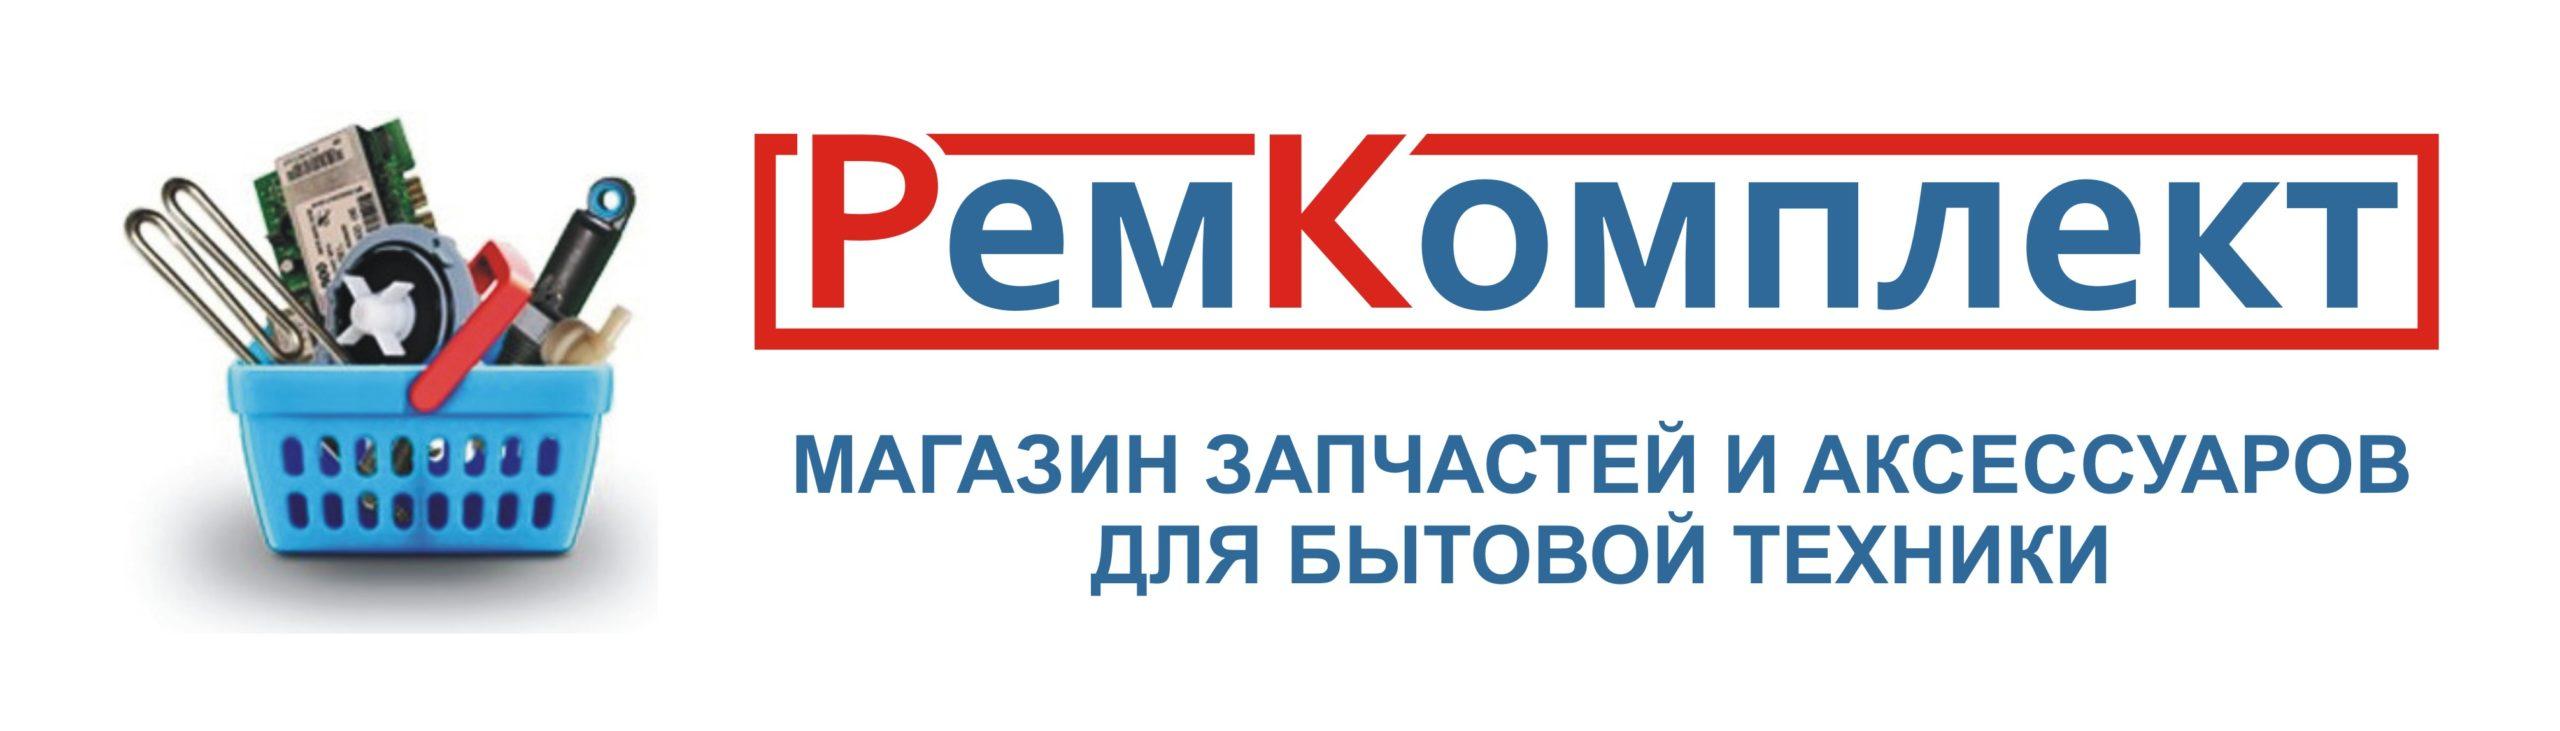 РЕМКОМПЛЕКТ